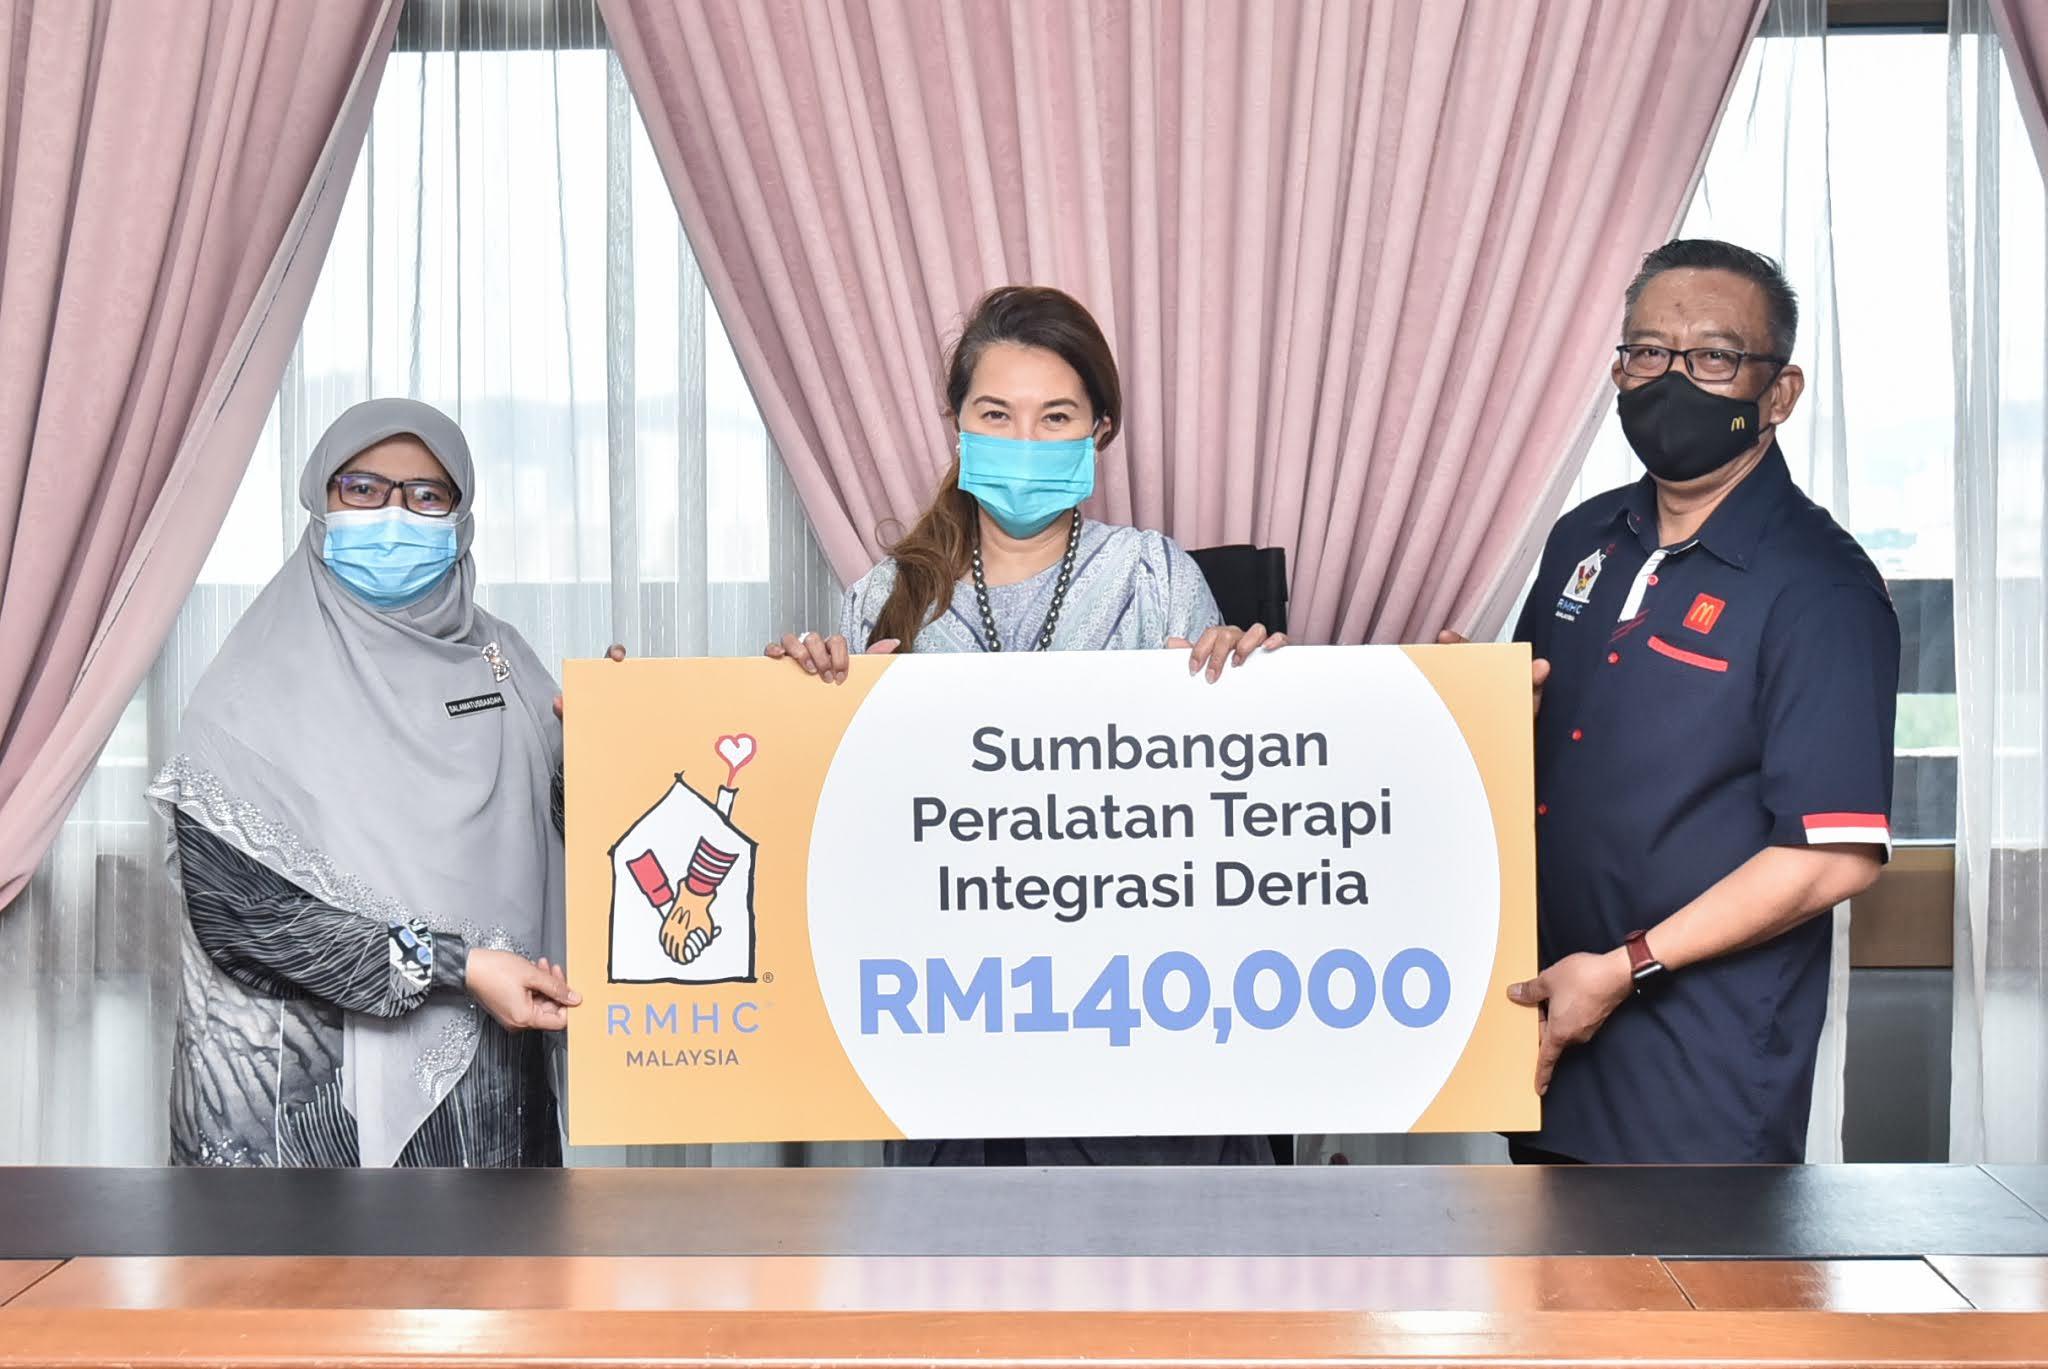 RMHC Malaysia Menyumbang Peralatan Terapi Deria bernilai RM140,000 sempena Hari Orang Kurang Upaya Sedunia